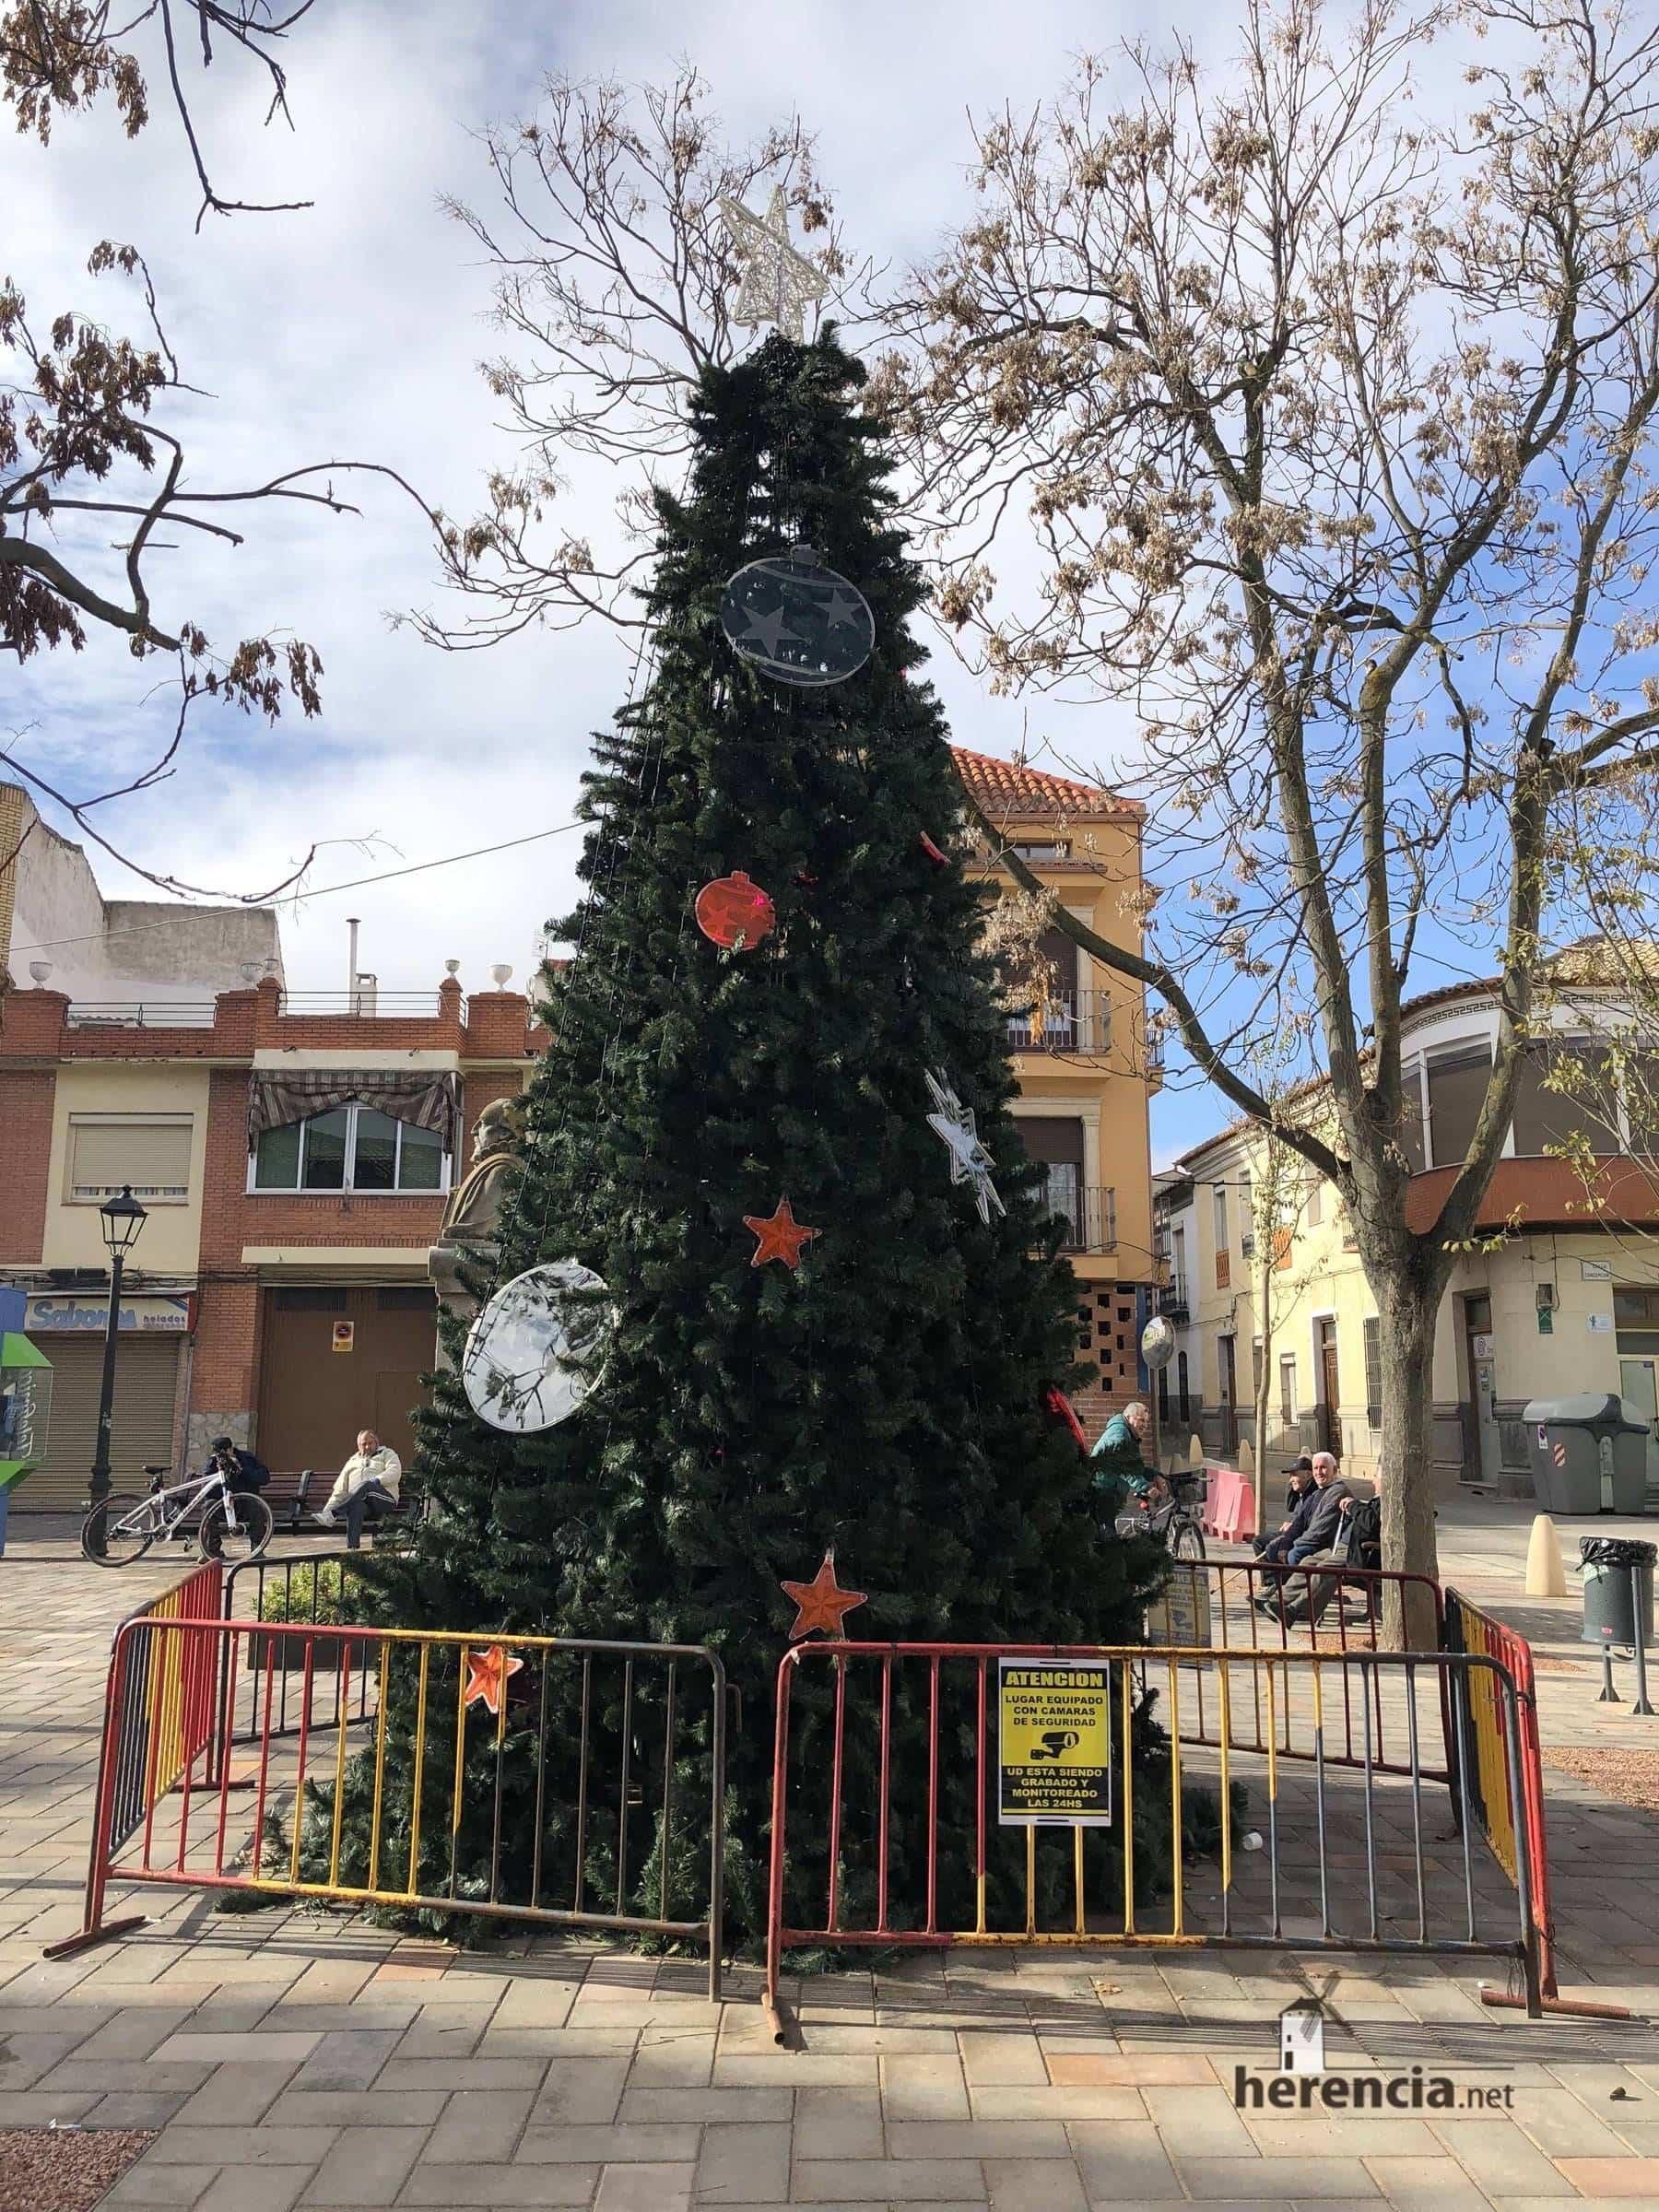 La programación especial de navidad llena de luz e ilusión Herencia 6